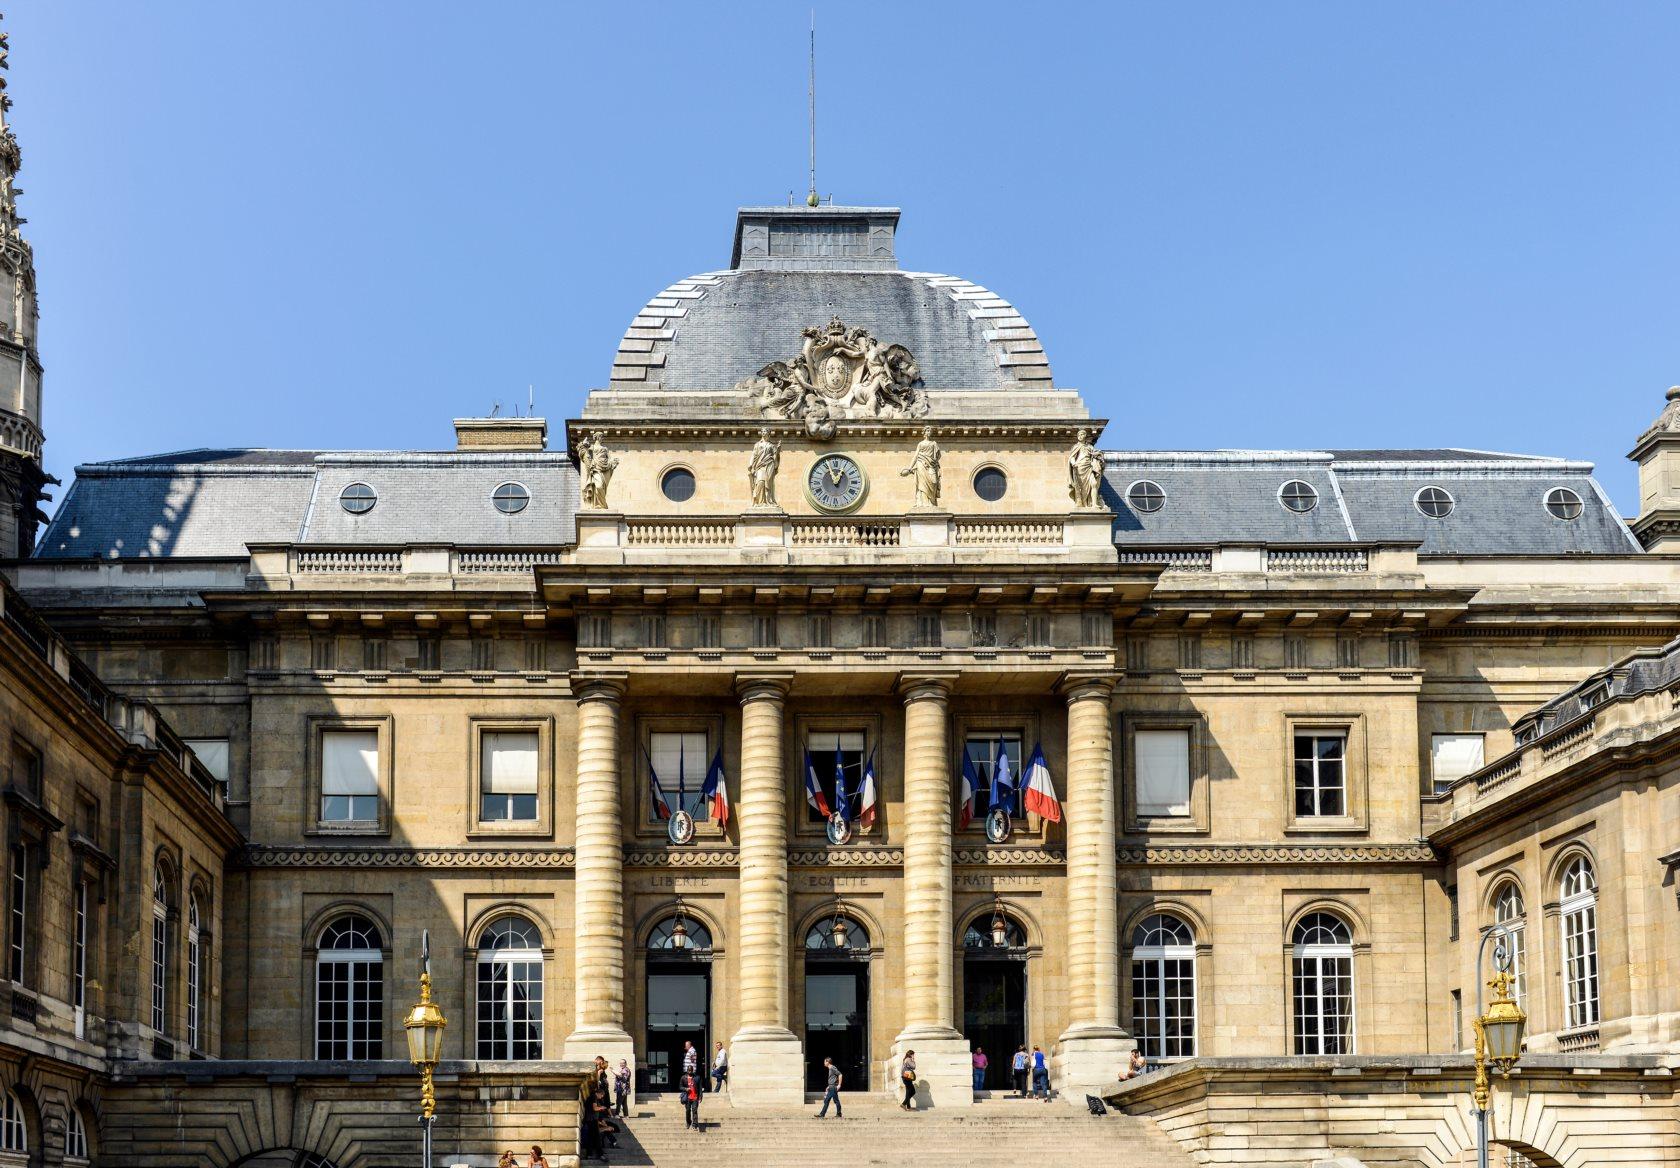 Palace of Justice, Palais de Justice, Paris, France